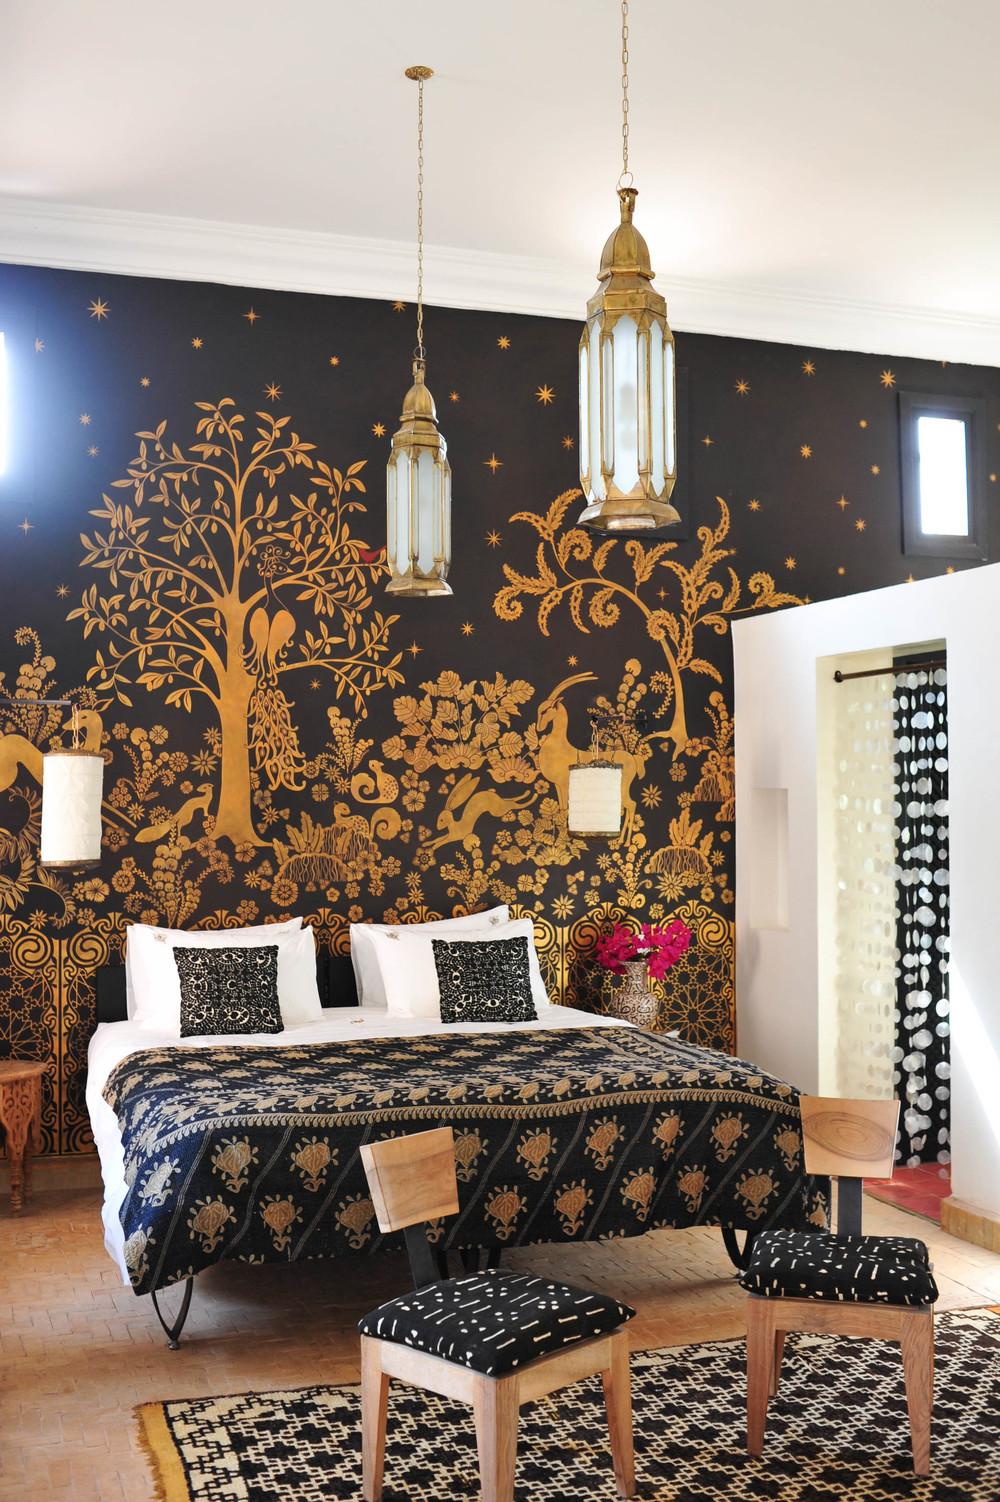 Peacock Pavilions boutique hotel in Marrakech, Morocco – Design by M. Montague - Golden Gazelle, Atlas Pavilion